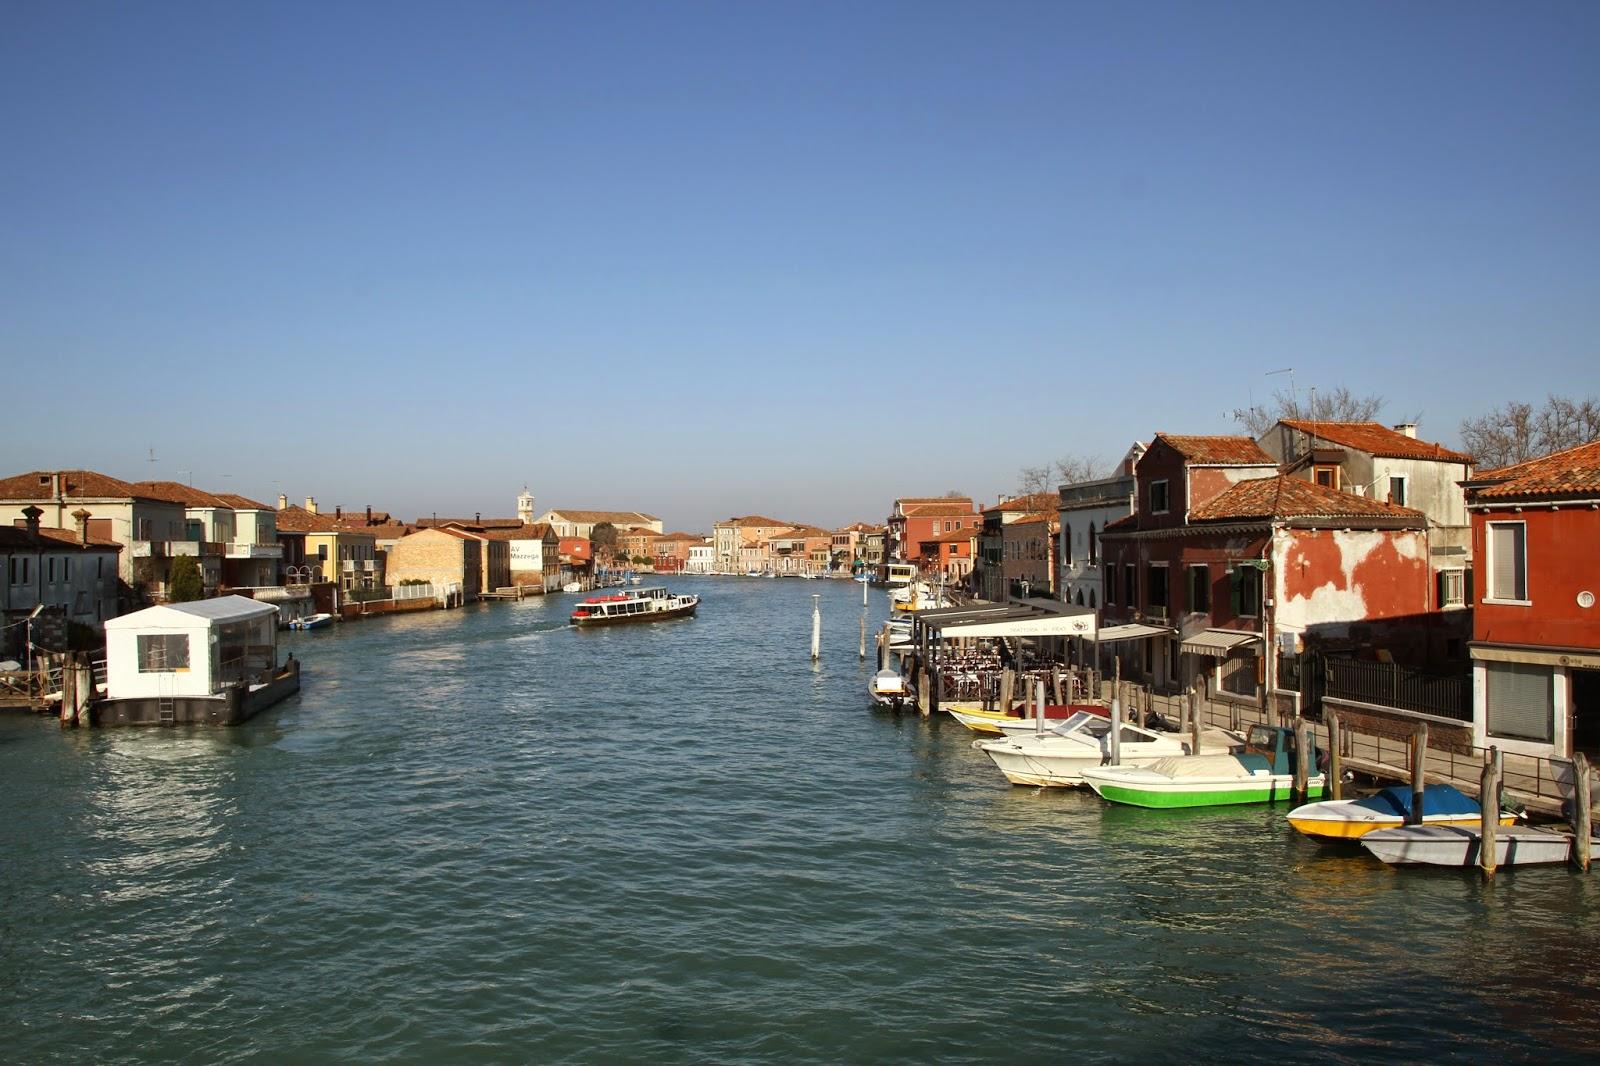 VISITAR MURANO, a ilha onde se aprende a arte do vidro ao longo dos séculos (Veneza) | Itália